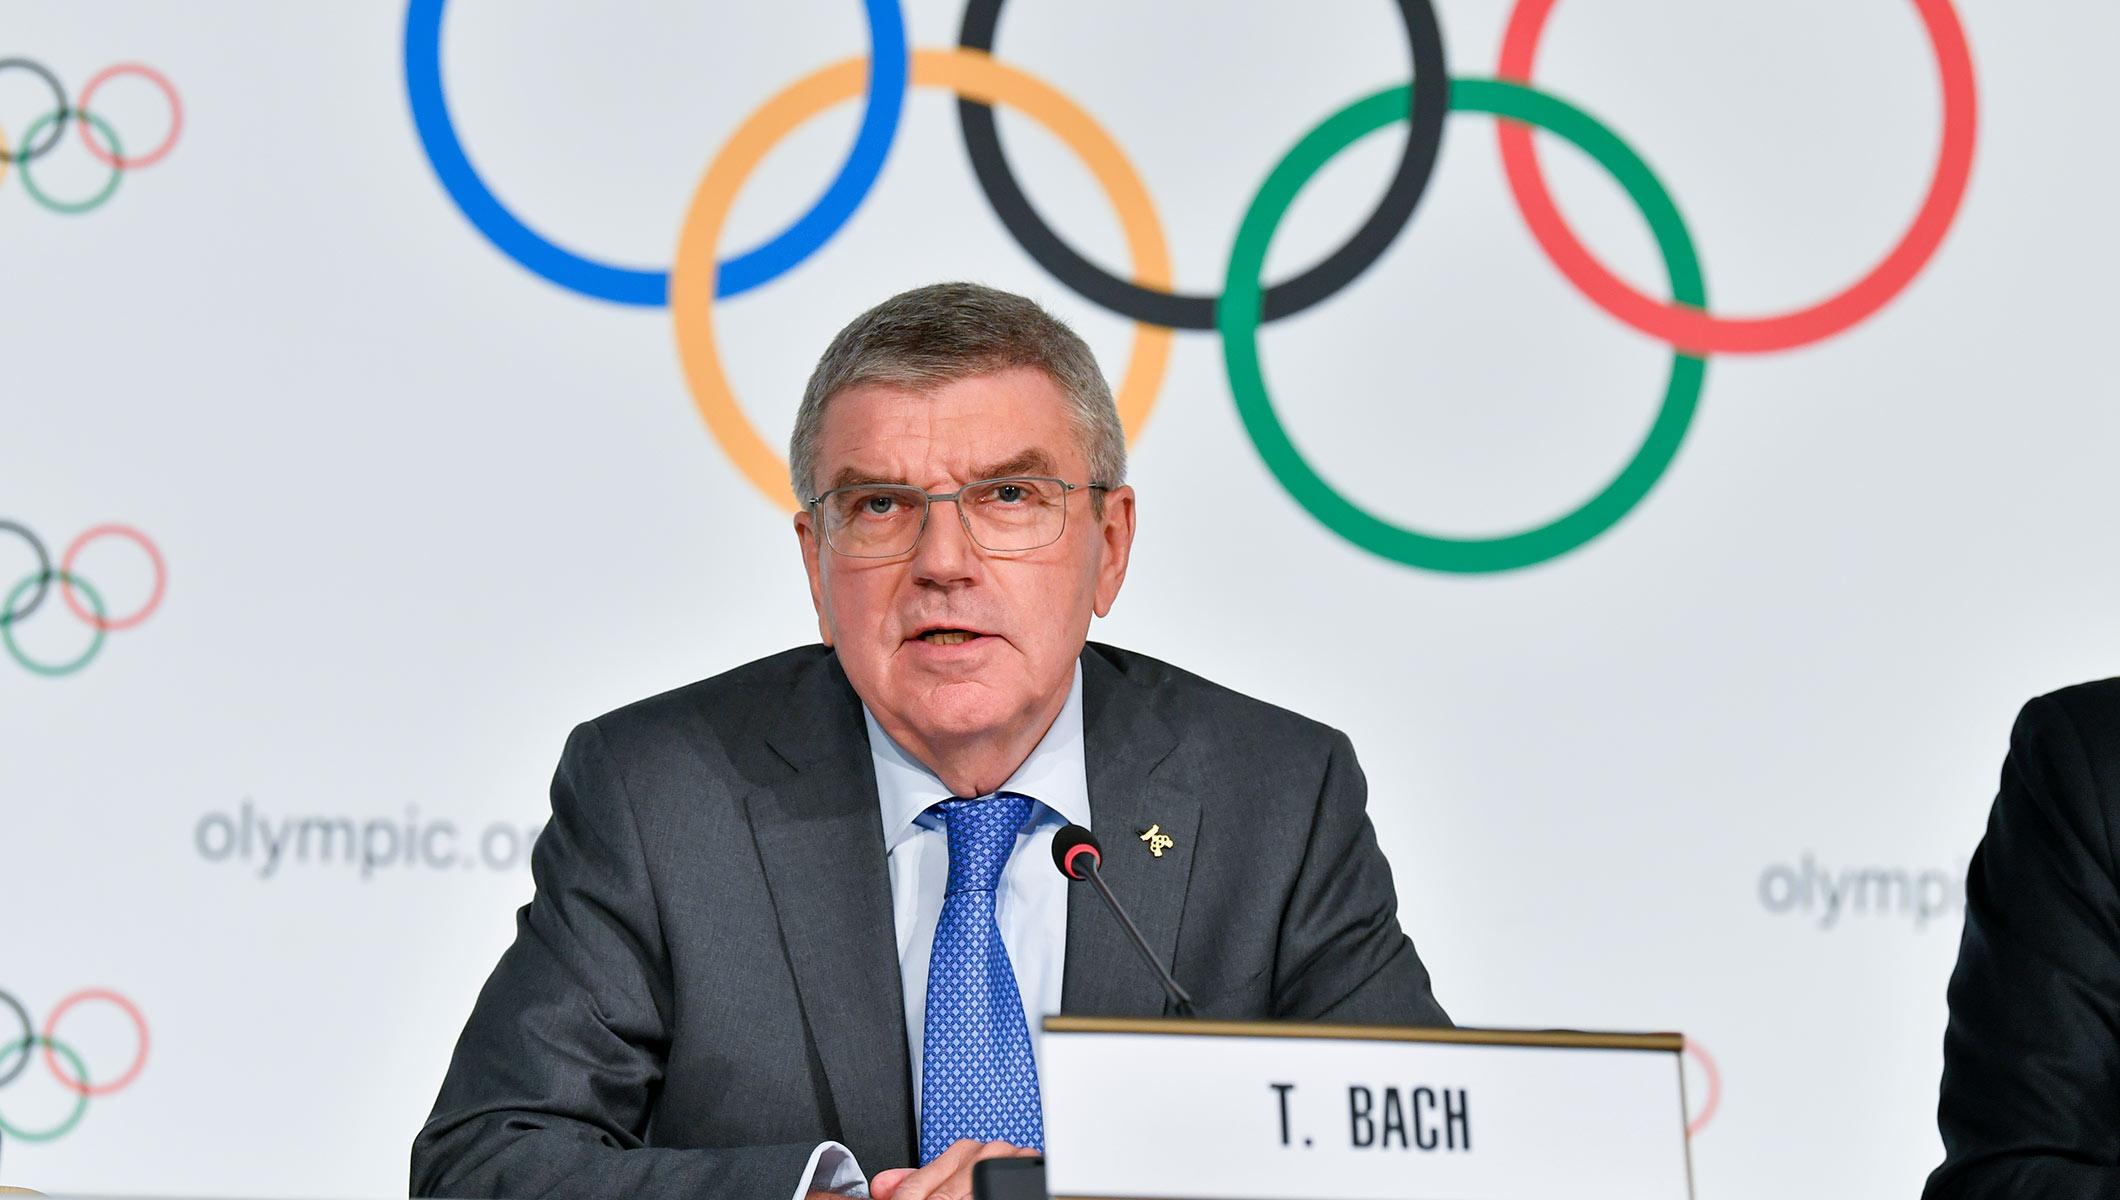 Bernal za odpoved olimpijskih iger, MOK (še) ne